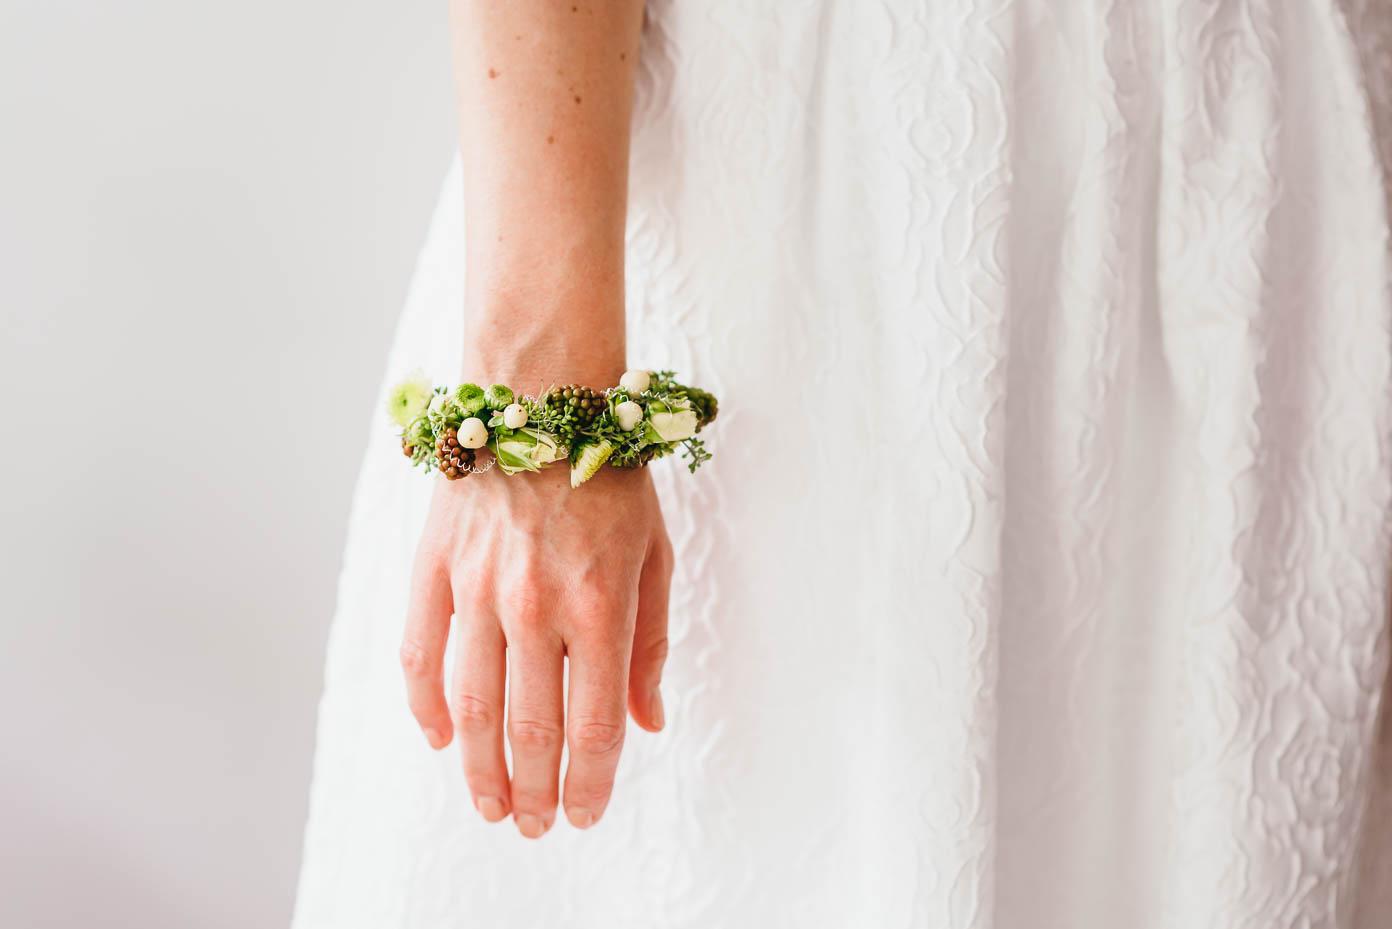 Blumenreif am Handgelenk der Braut.